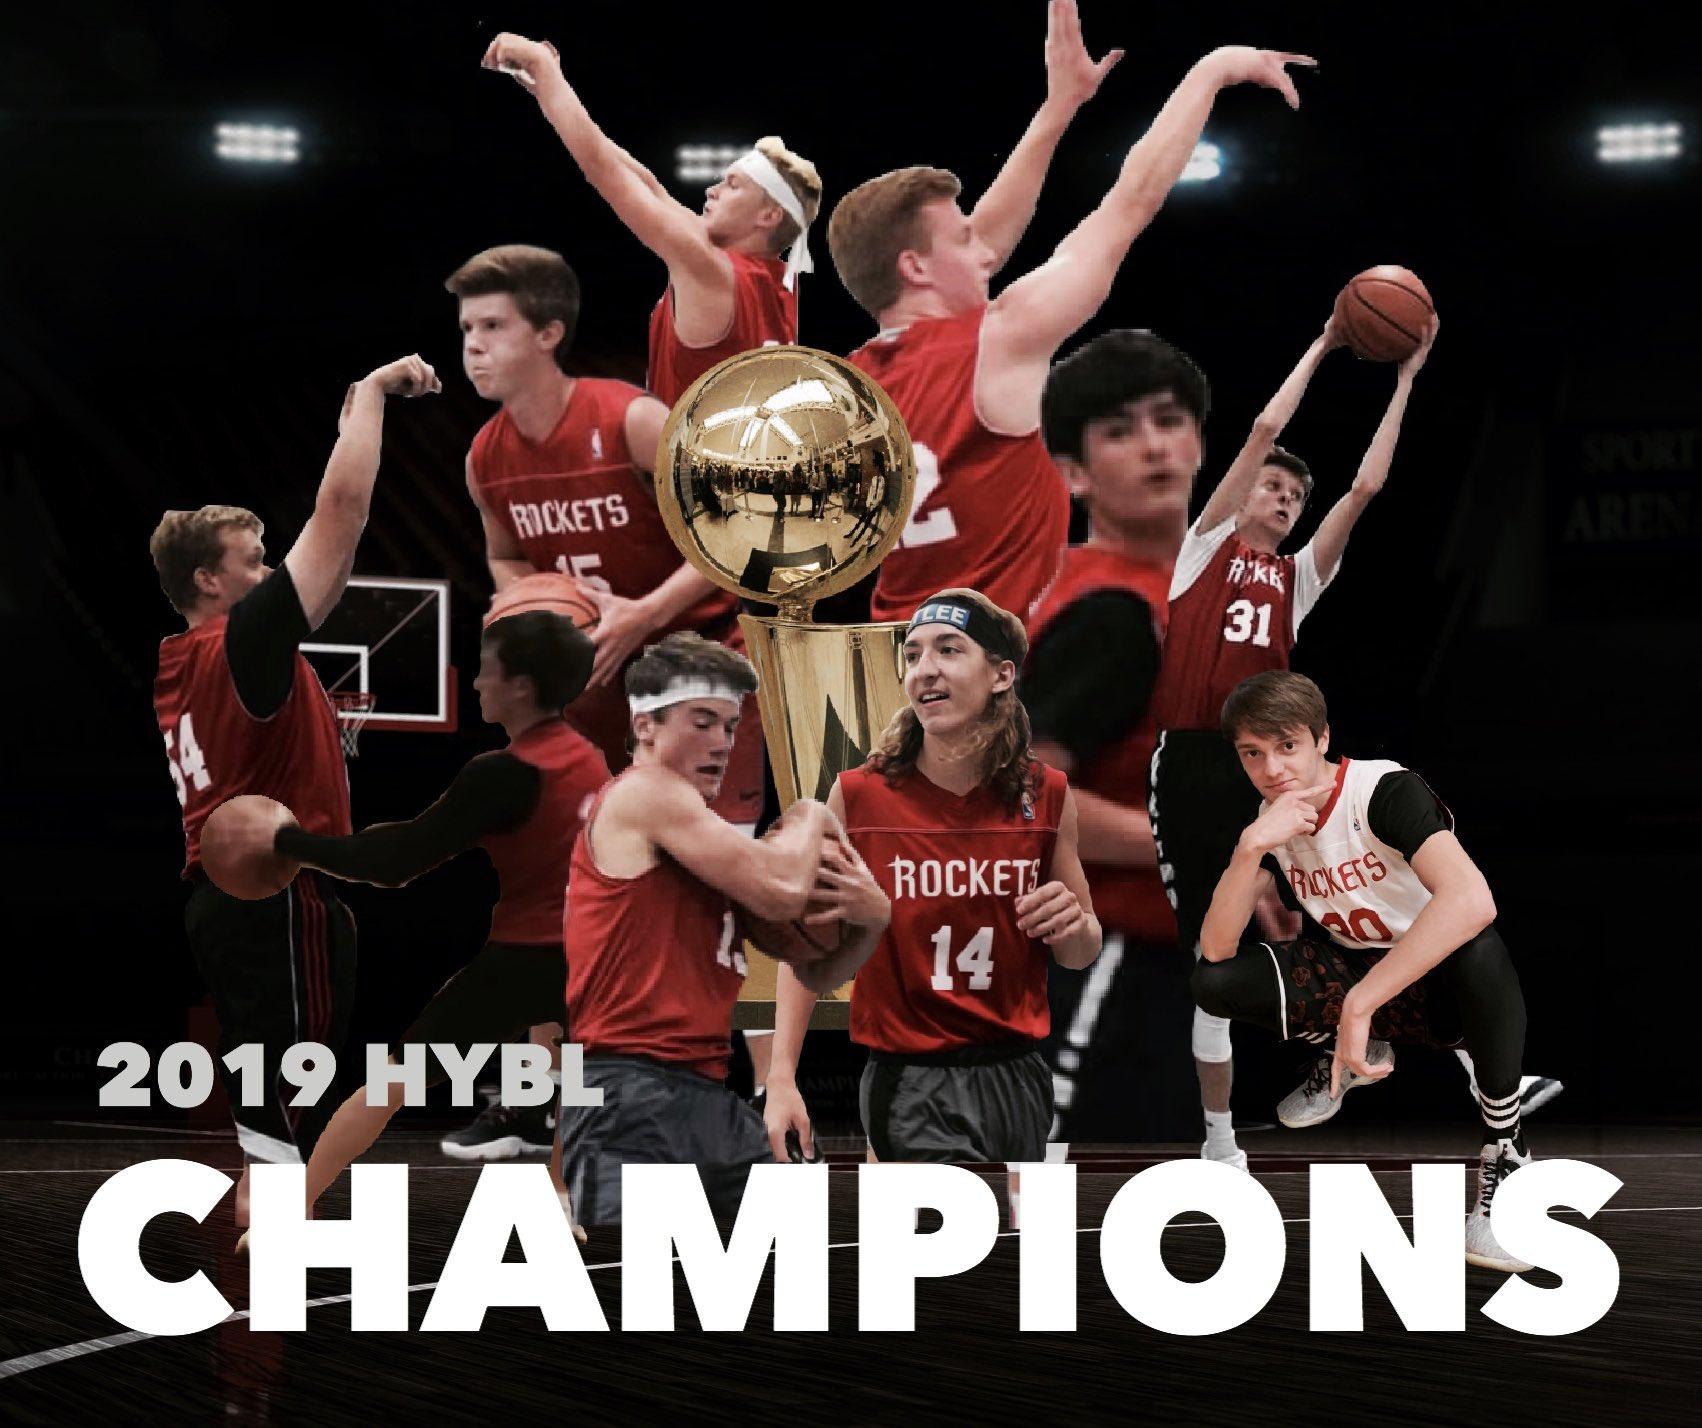 HYBL Rockets Champs